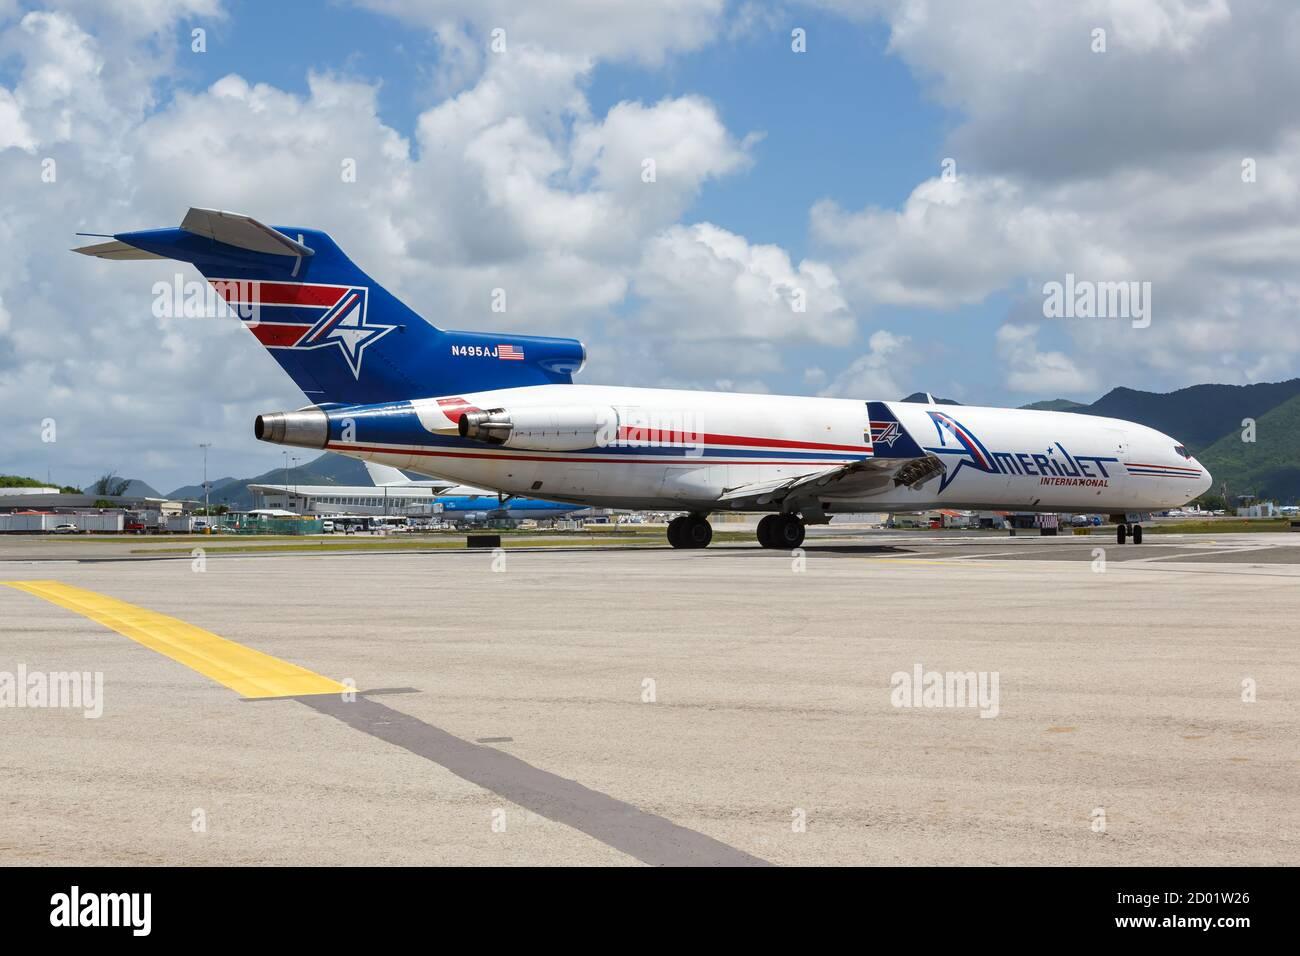 Sint Maarten, Antillas Holandesas - 16 de septiembre de 2016: Amerijet International Boeing 727-200F avión en el aeropuerto Sint Maarten en los países Bajos an Foto de stock